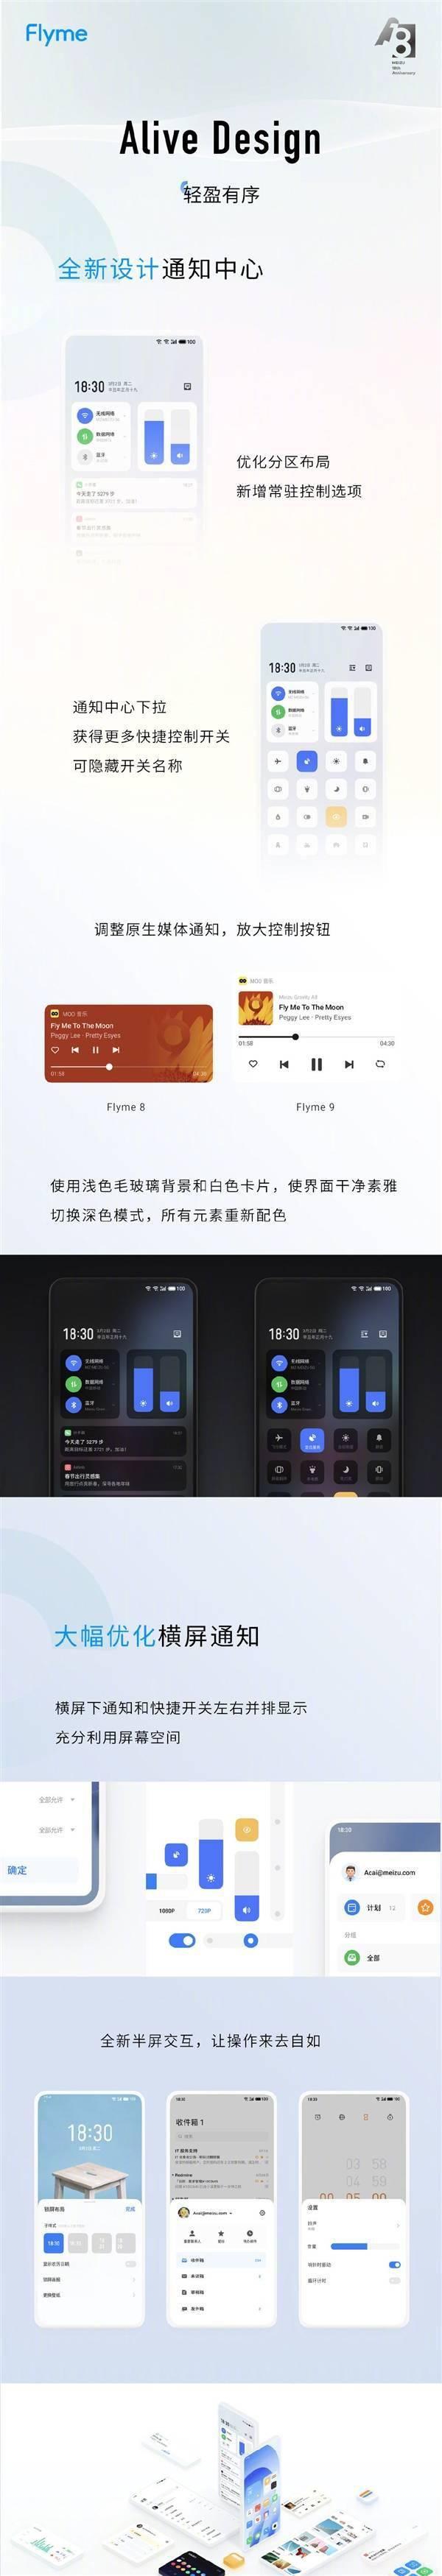 魅族Flyme 9发布:界面/动画/隐私大升级、首发小窗模式3.0的照片 - 8